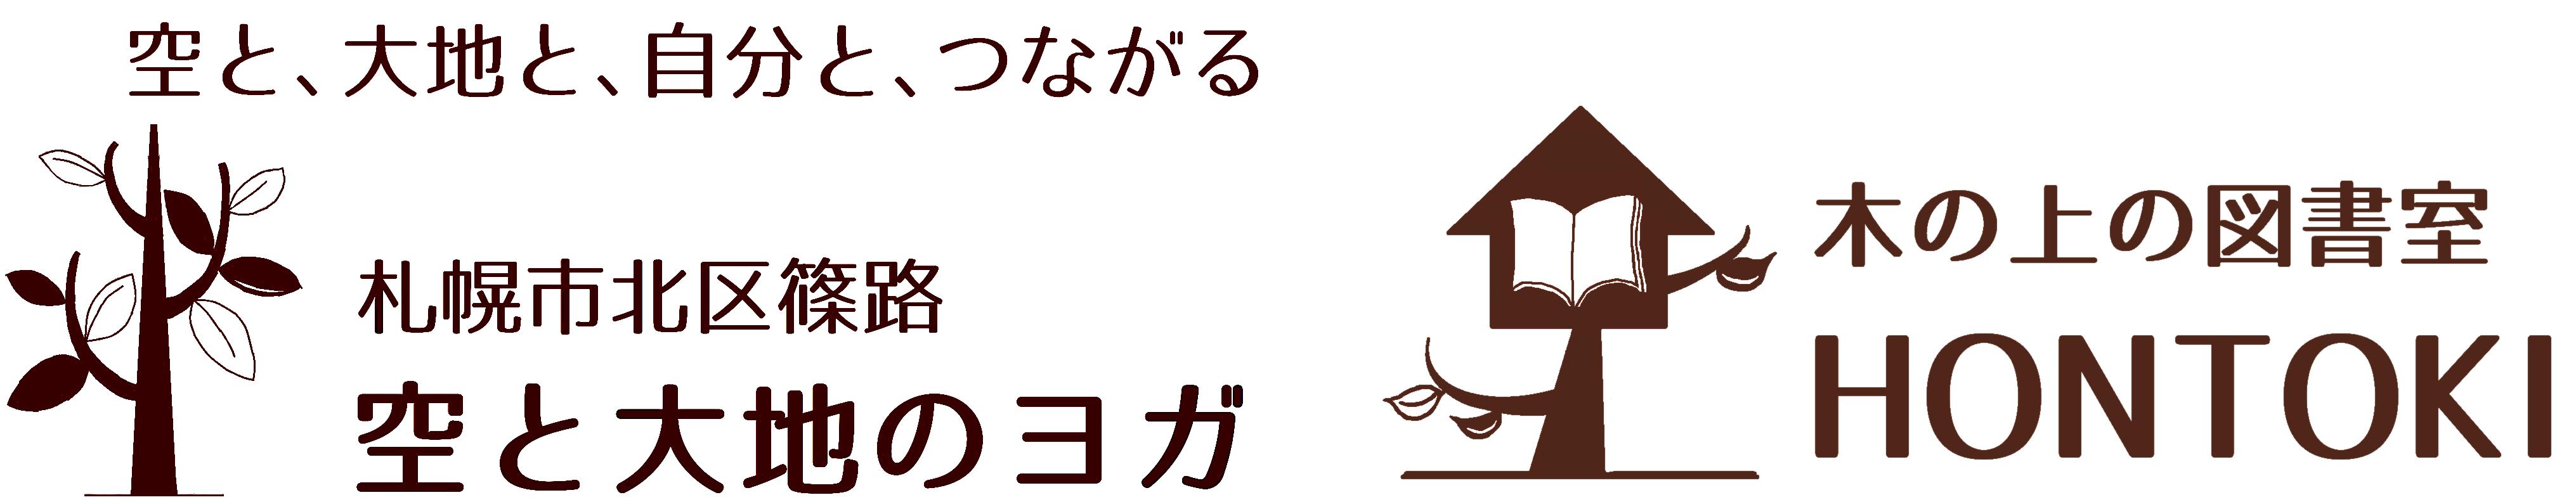 札幌市北区篠路*空と大地のヨガ*自給的暮らしの講座とヨガ